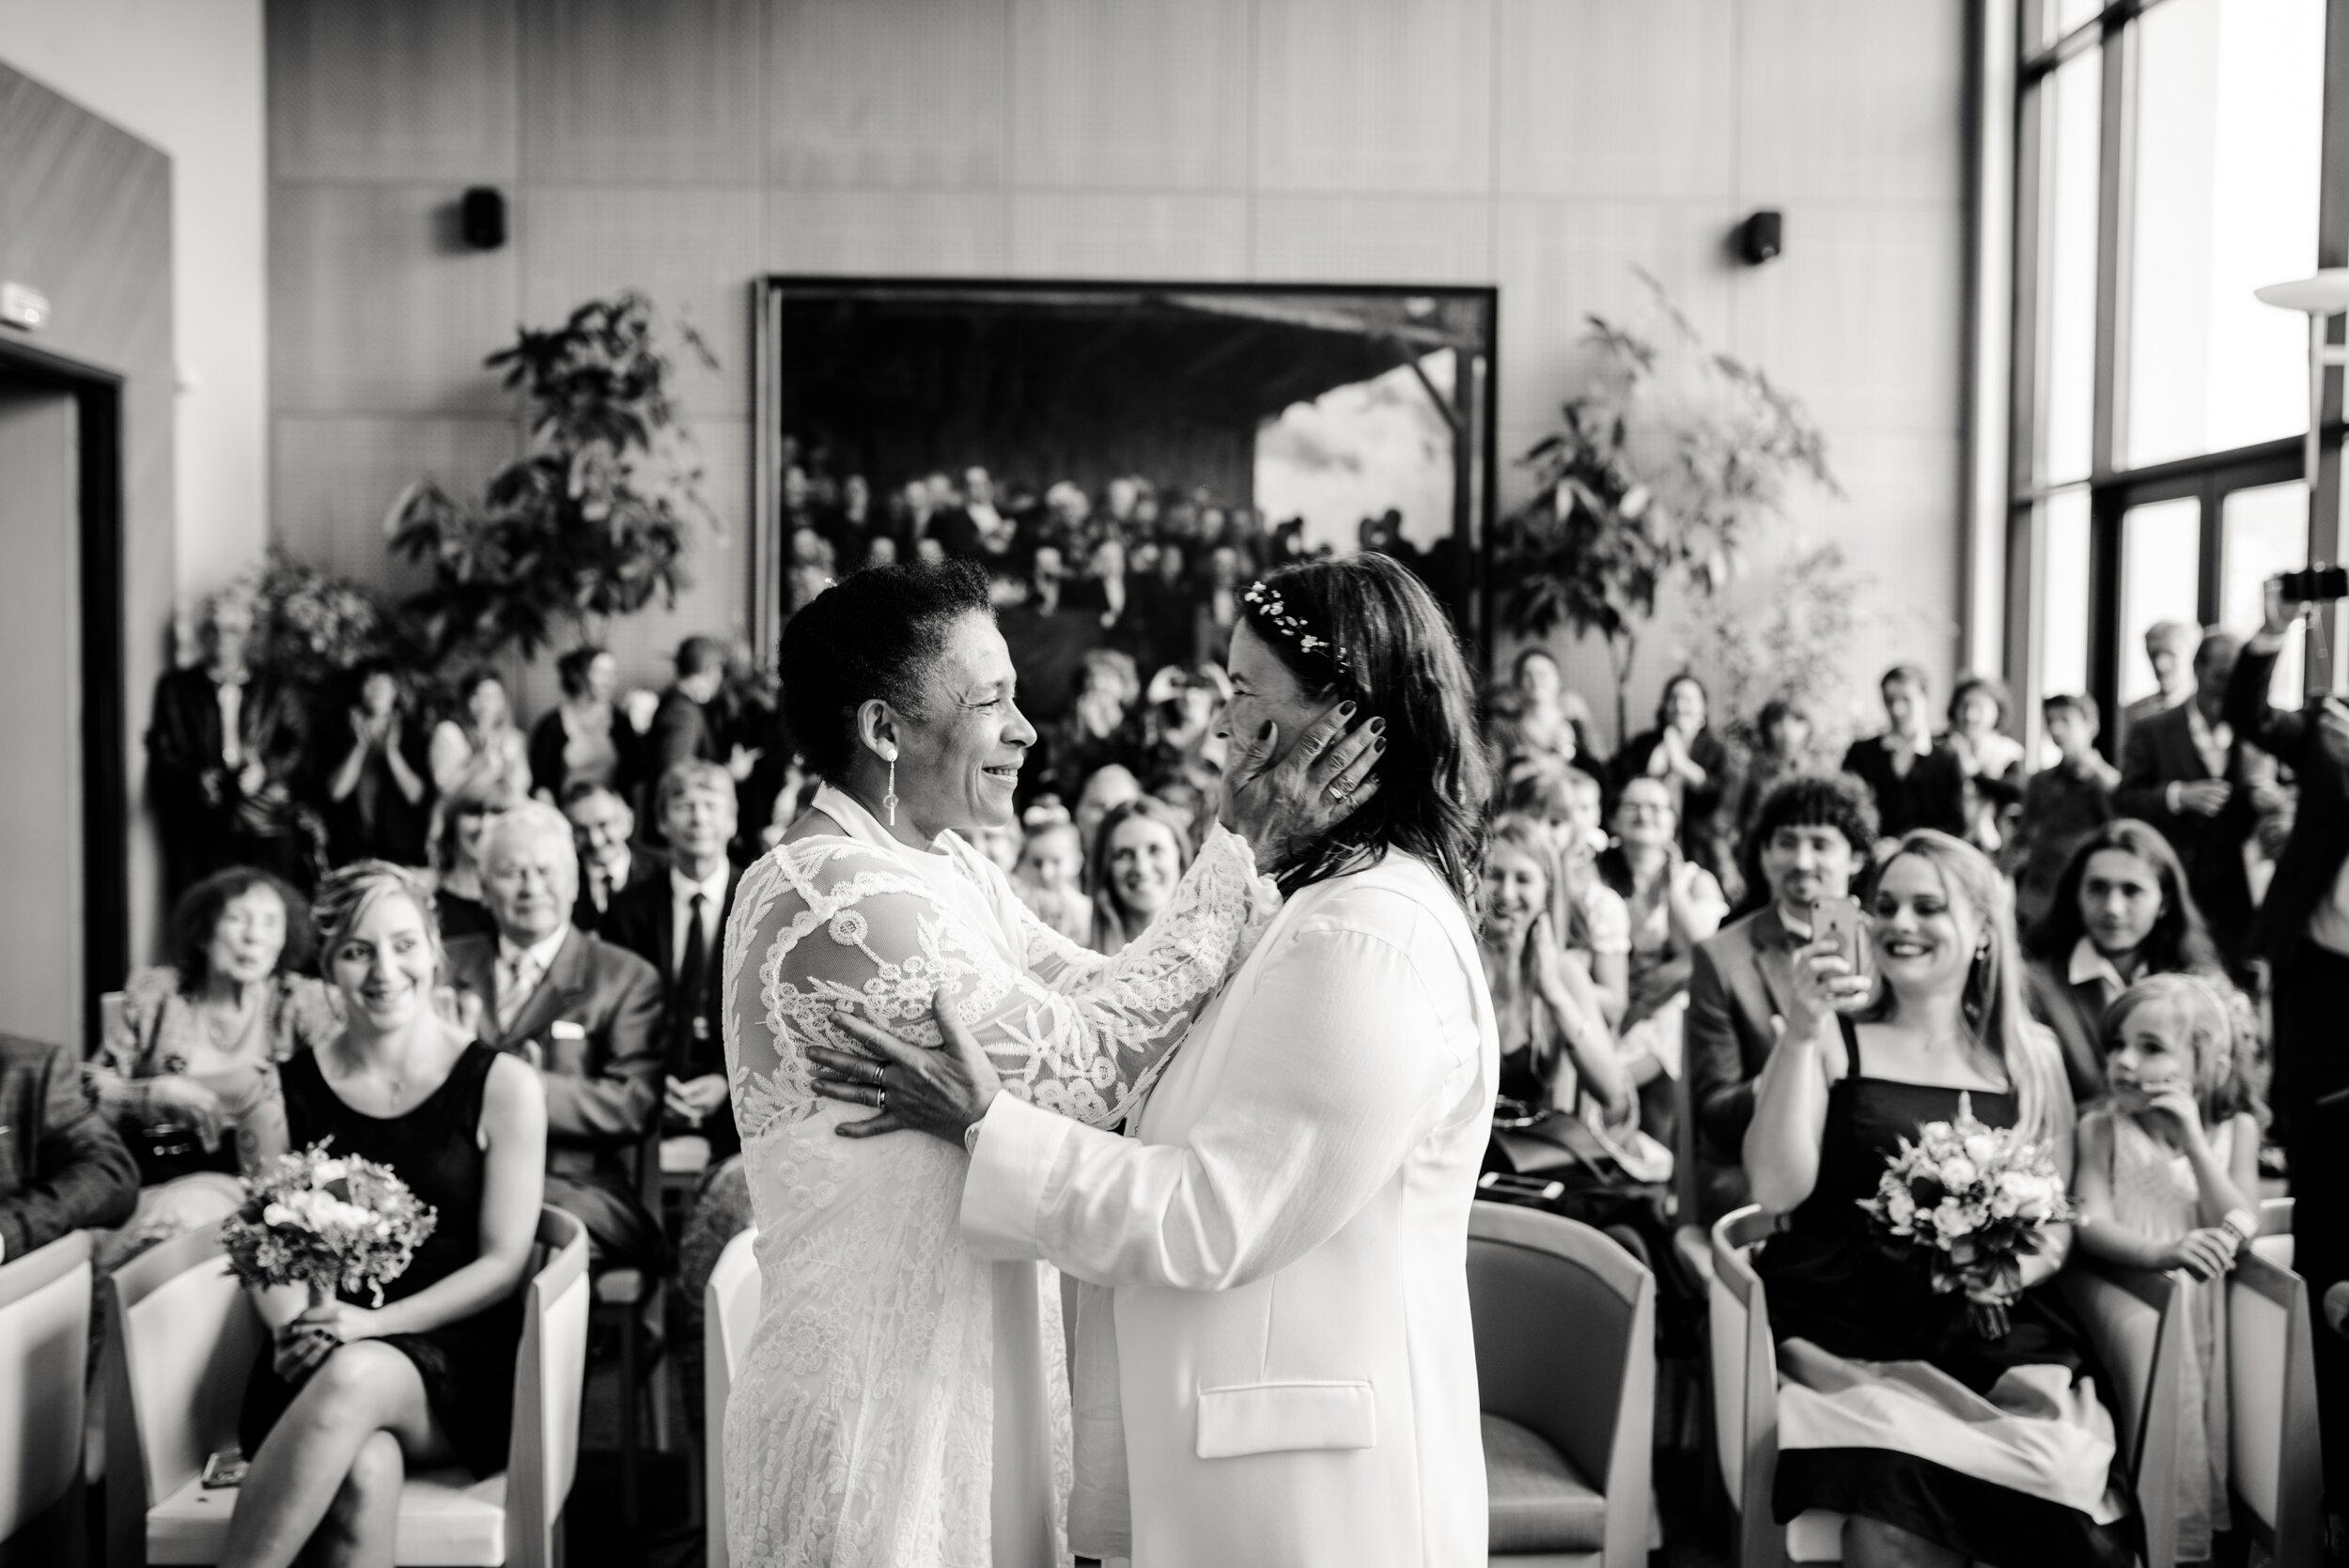 Léa-Fery-photographe-professionnel-Bretagne-portrait-creation-mariage-evenement-evenementiel-famille-3351.jpg